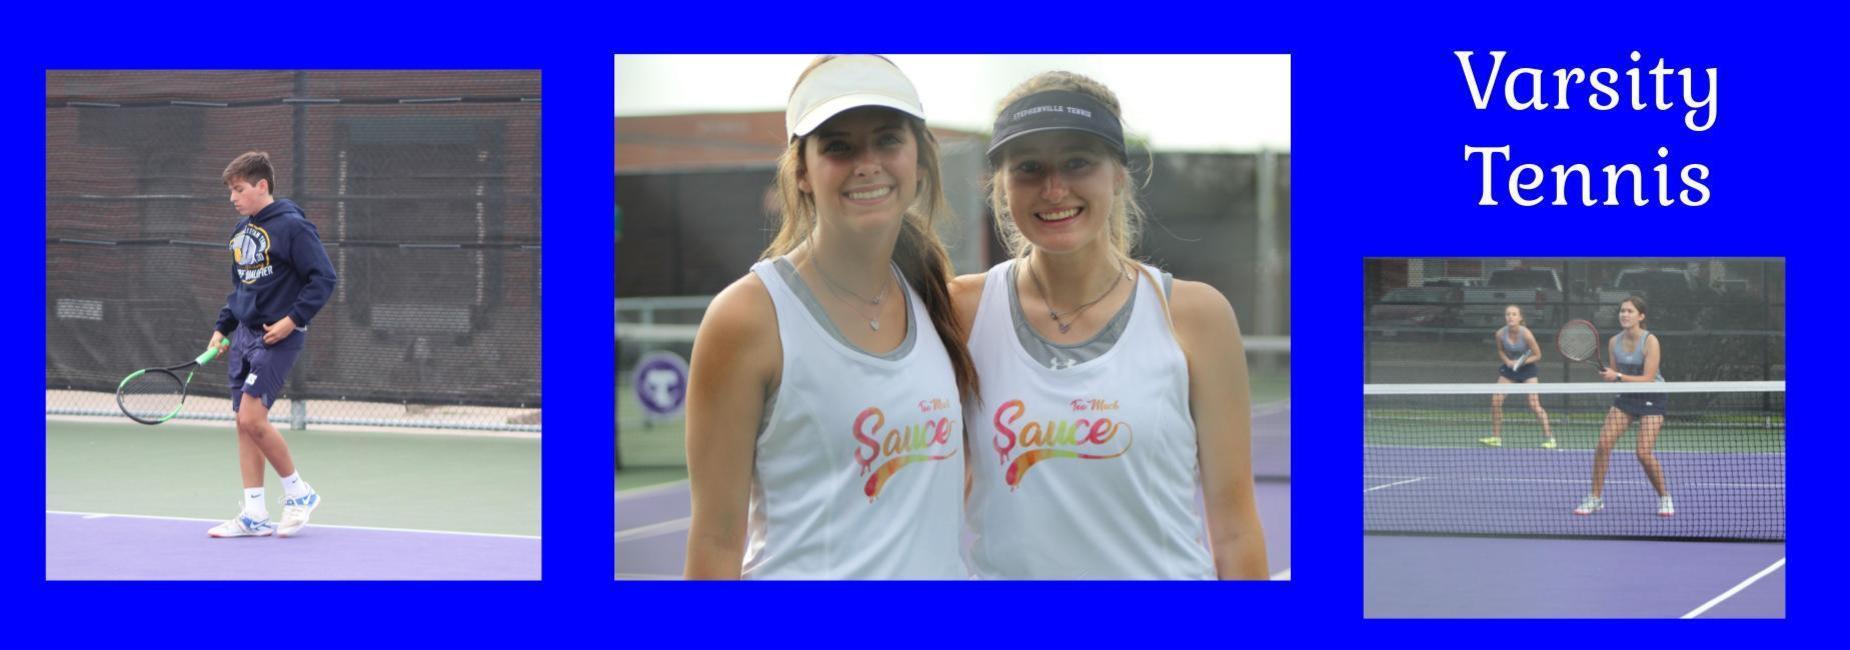 district tennis match